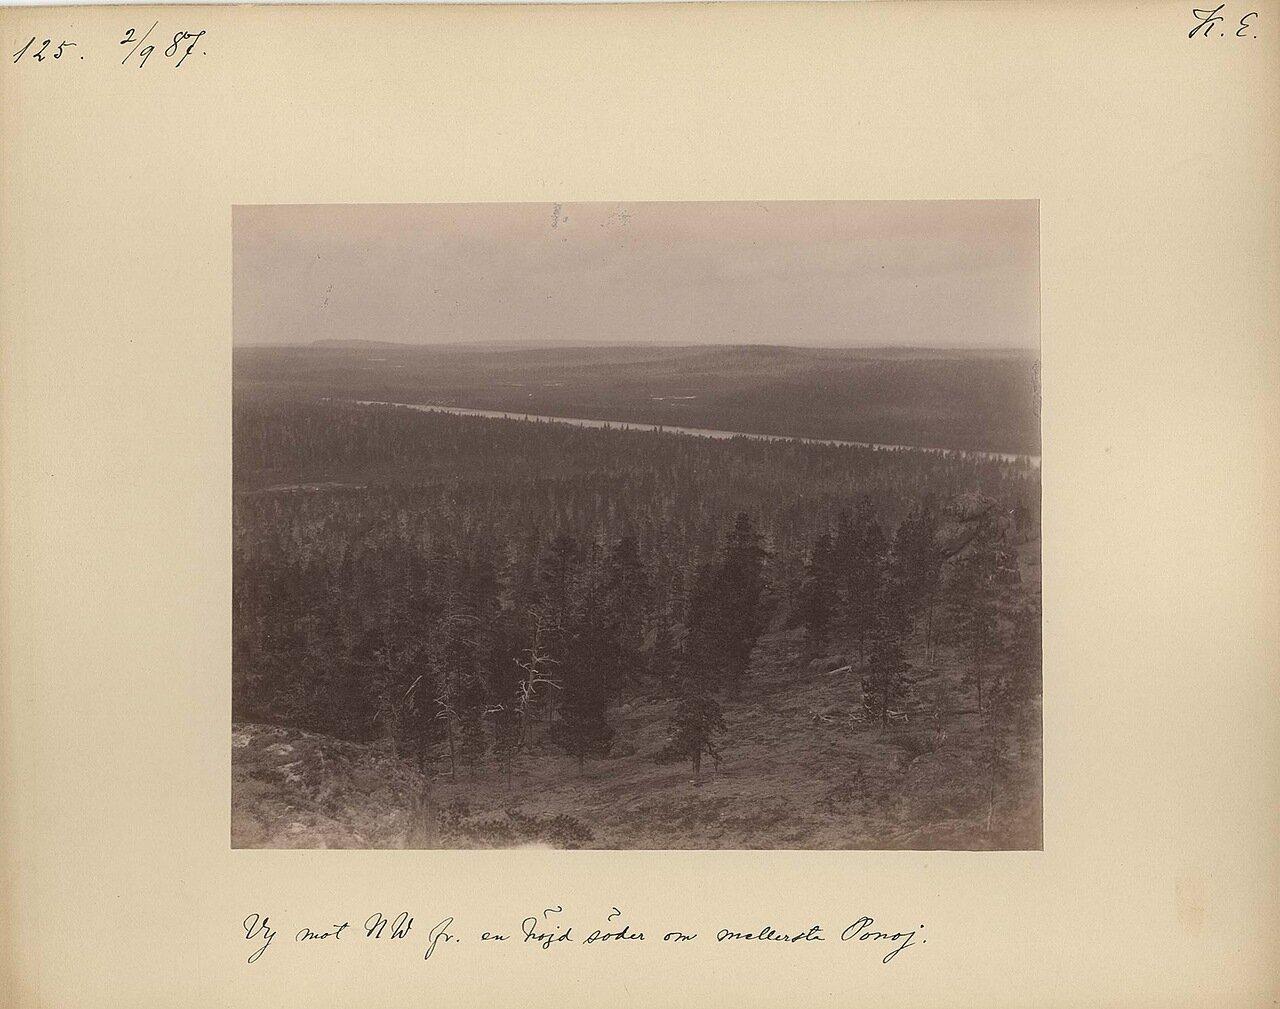 2.9.1887 в 11 ч. 15 мин. Вид с южной стороны холма к северо-западу от монастыря на реке Поной